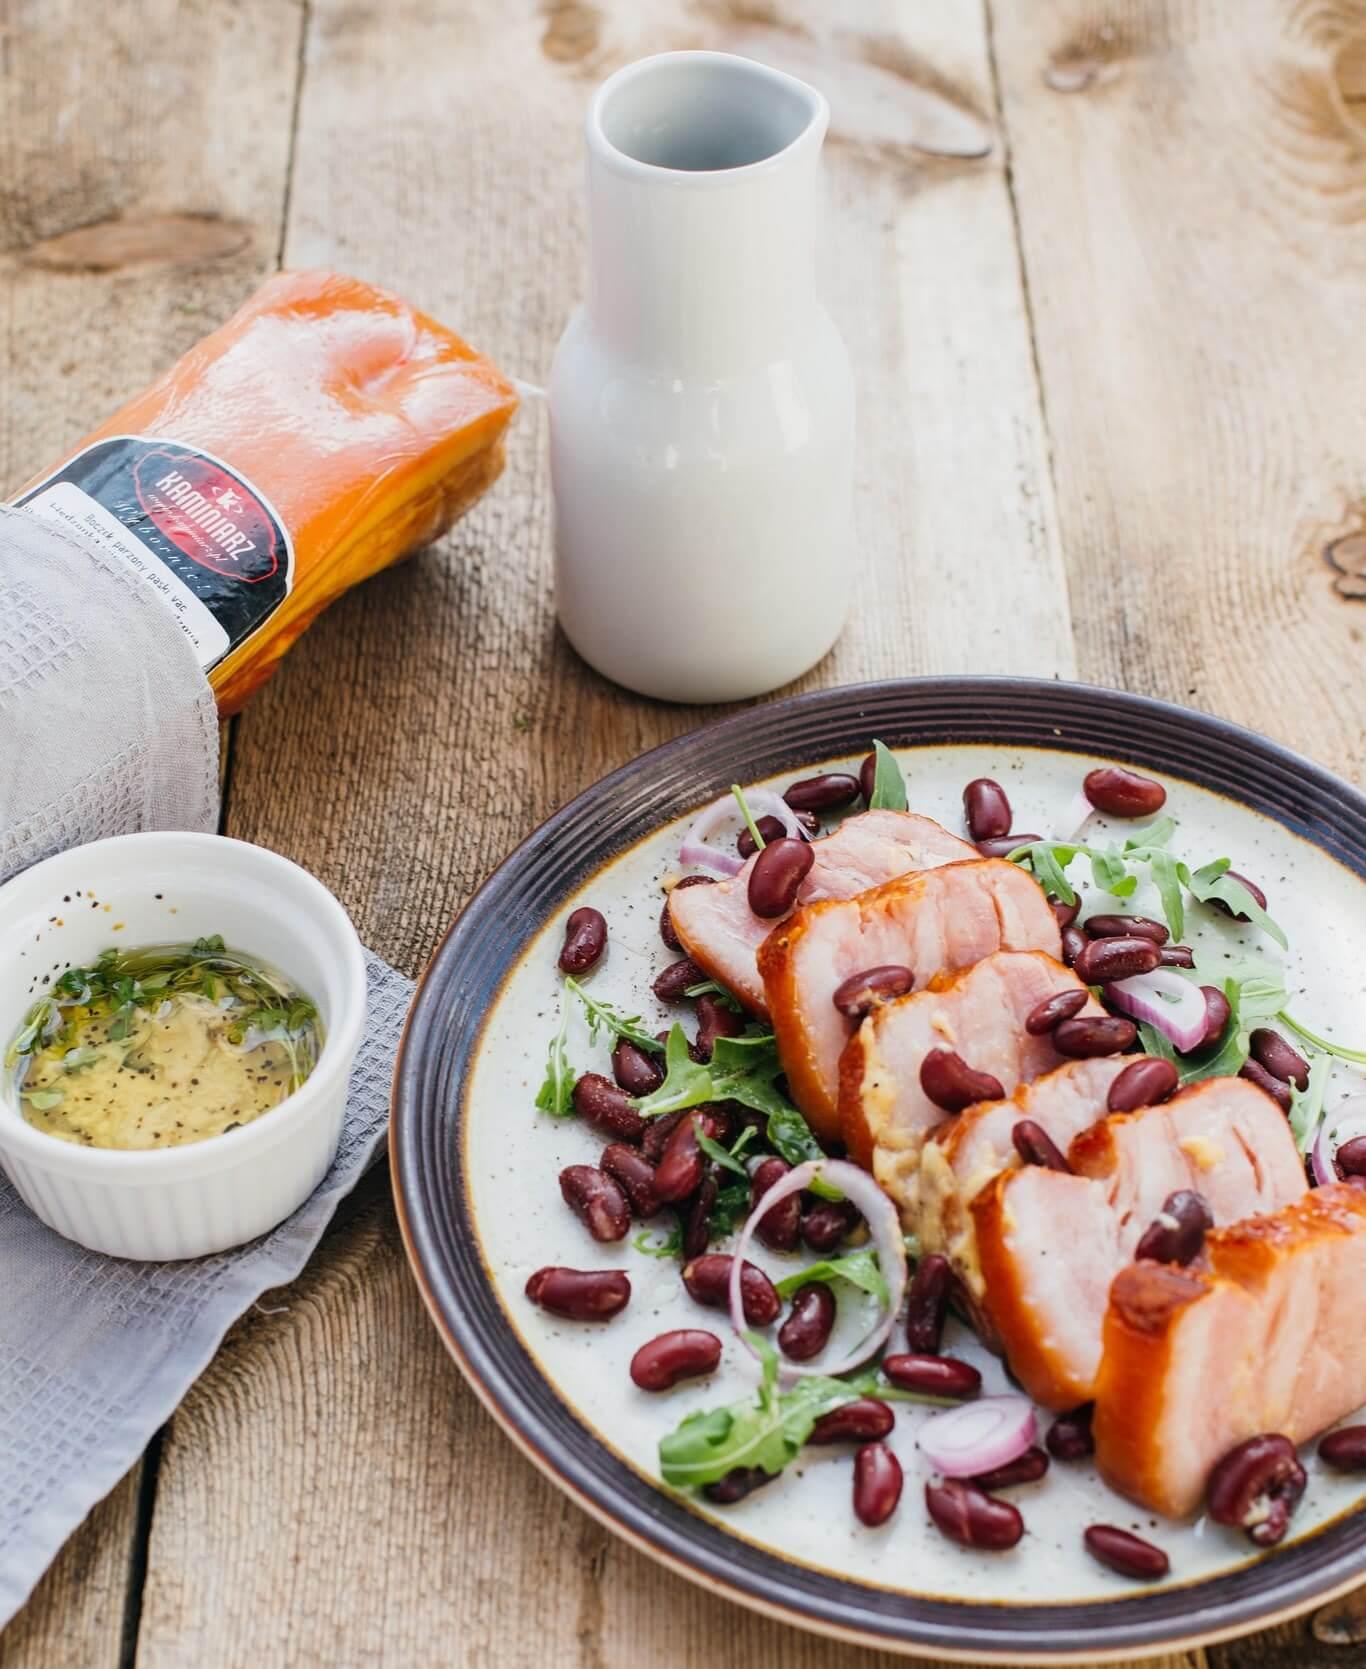 salatka-z-boczkiem-czerwona-fasola-w-sosie-czosnkowym2